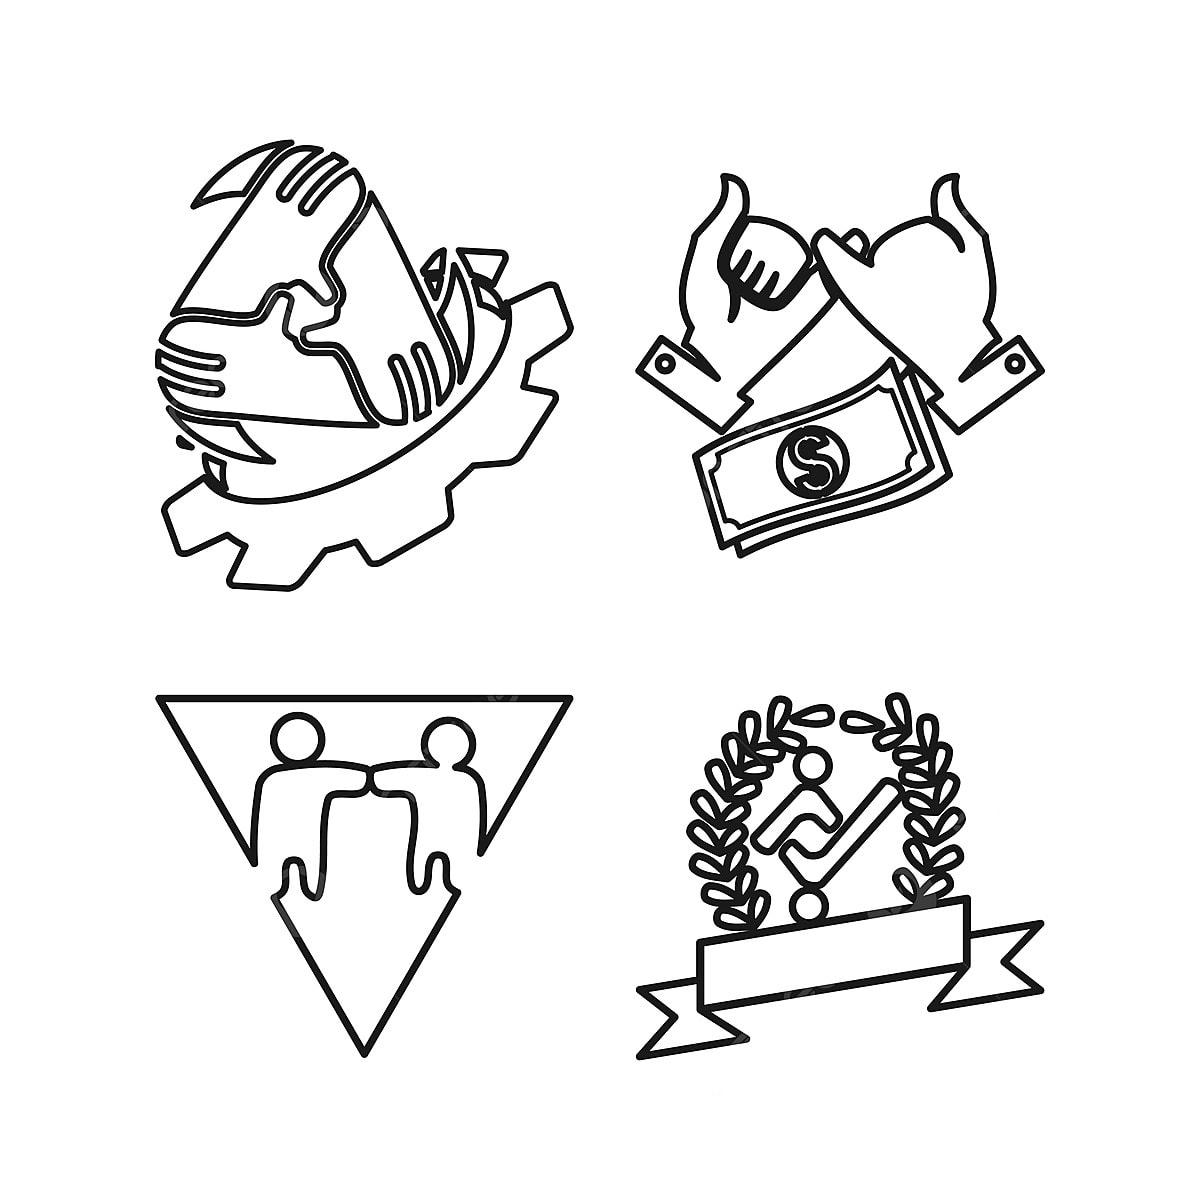 Open Outline Stock Illustrations – 52,233 Open Outline Stock Illustrations,  Vectors & Clipart - Dreamstime